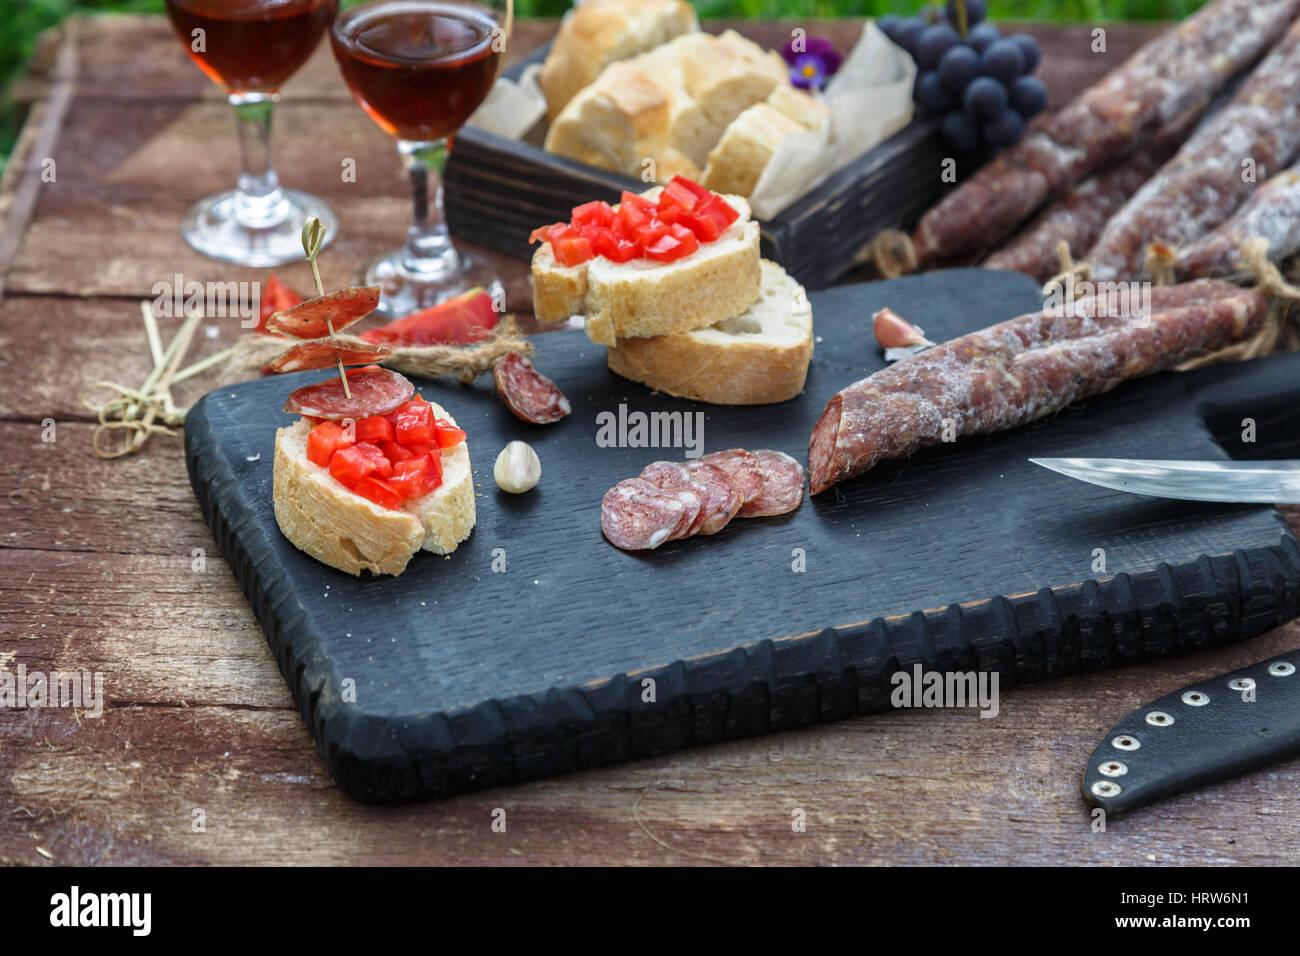 Rendendo pintxos, tapas, spagnolo tartine party finger food Foto Stock